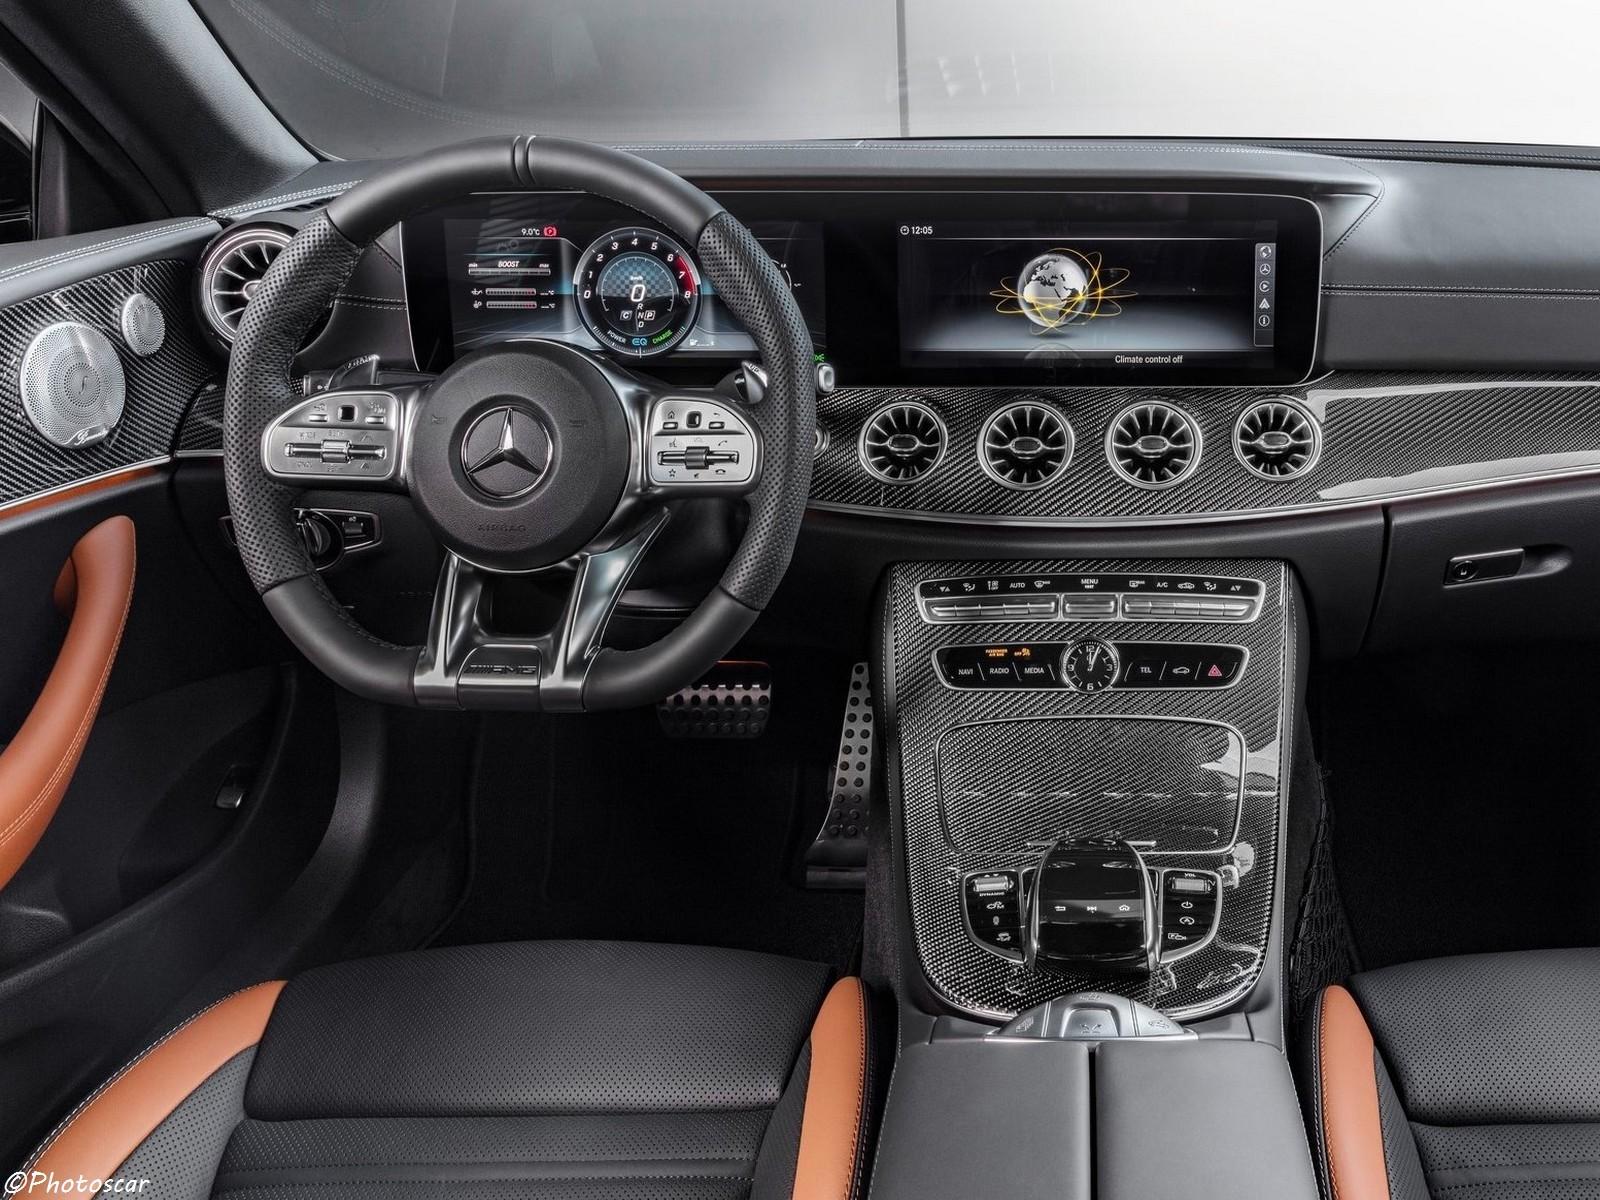 Mercedes Benz E53 AMG Cabriolet 2019